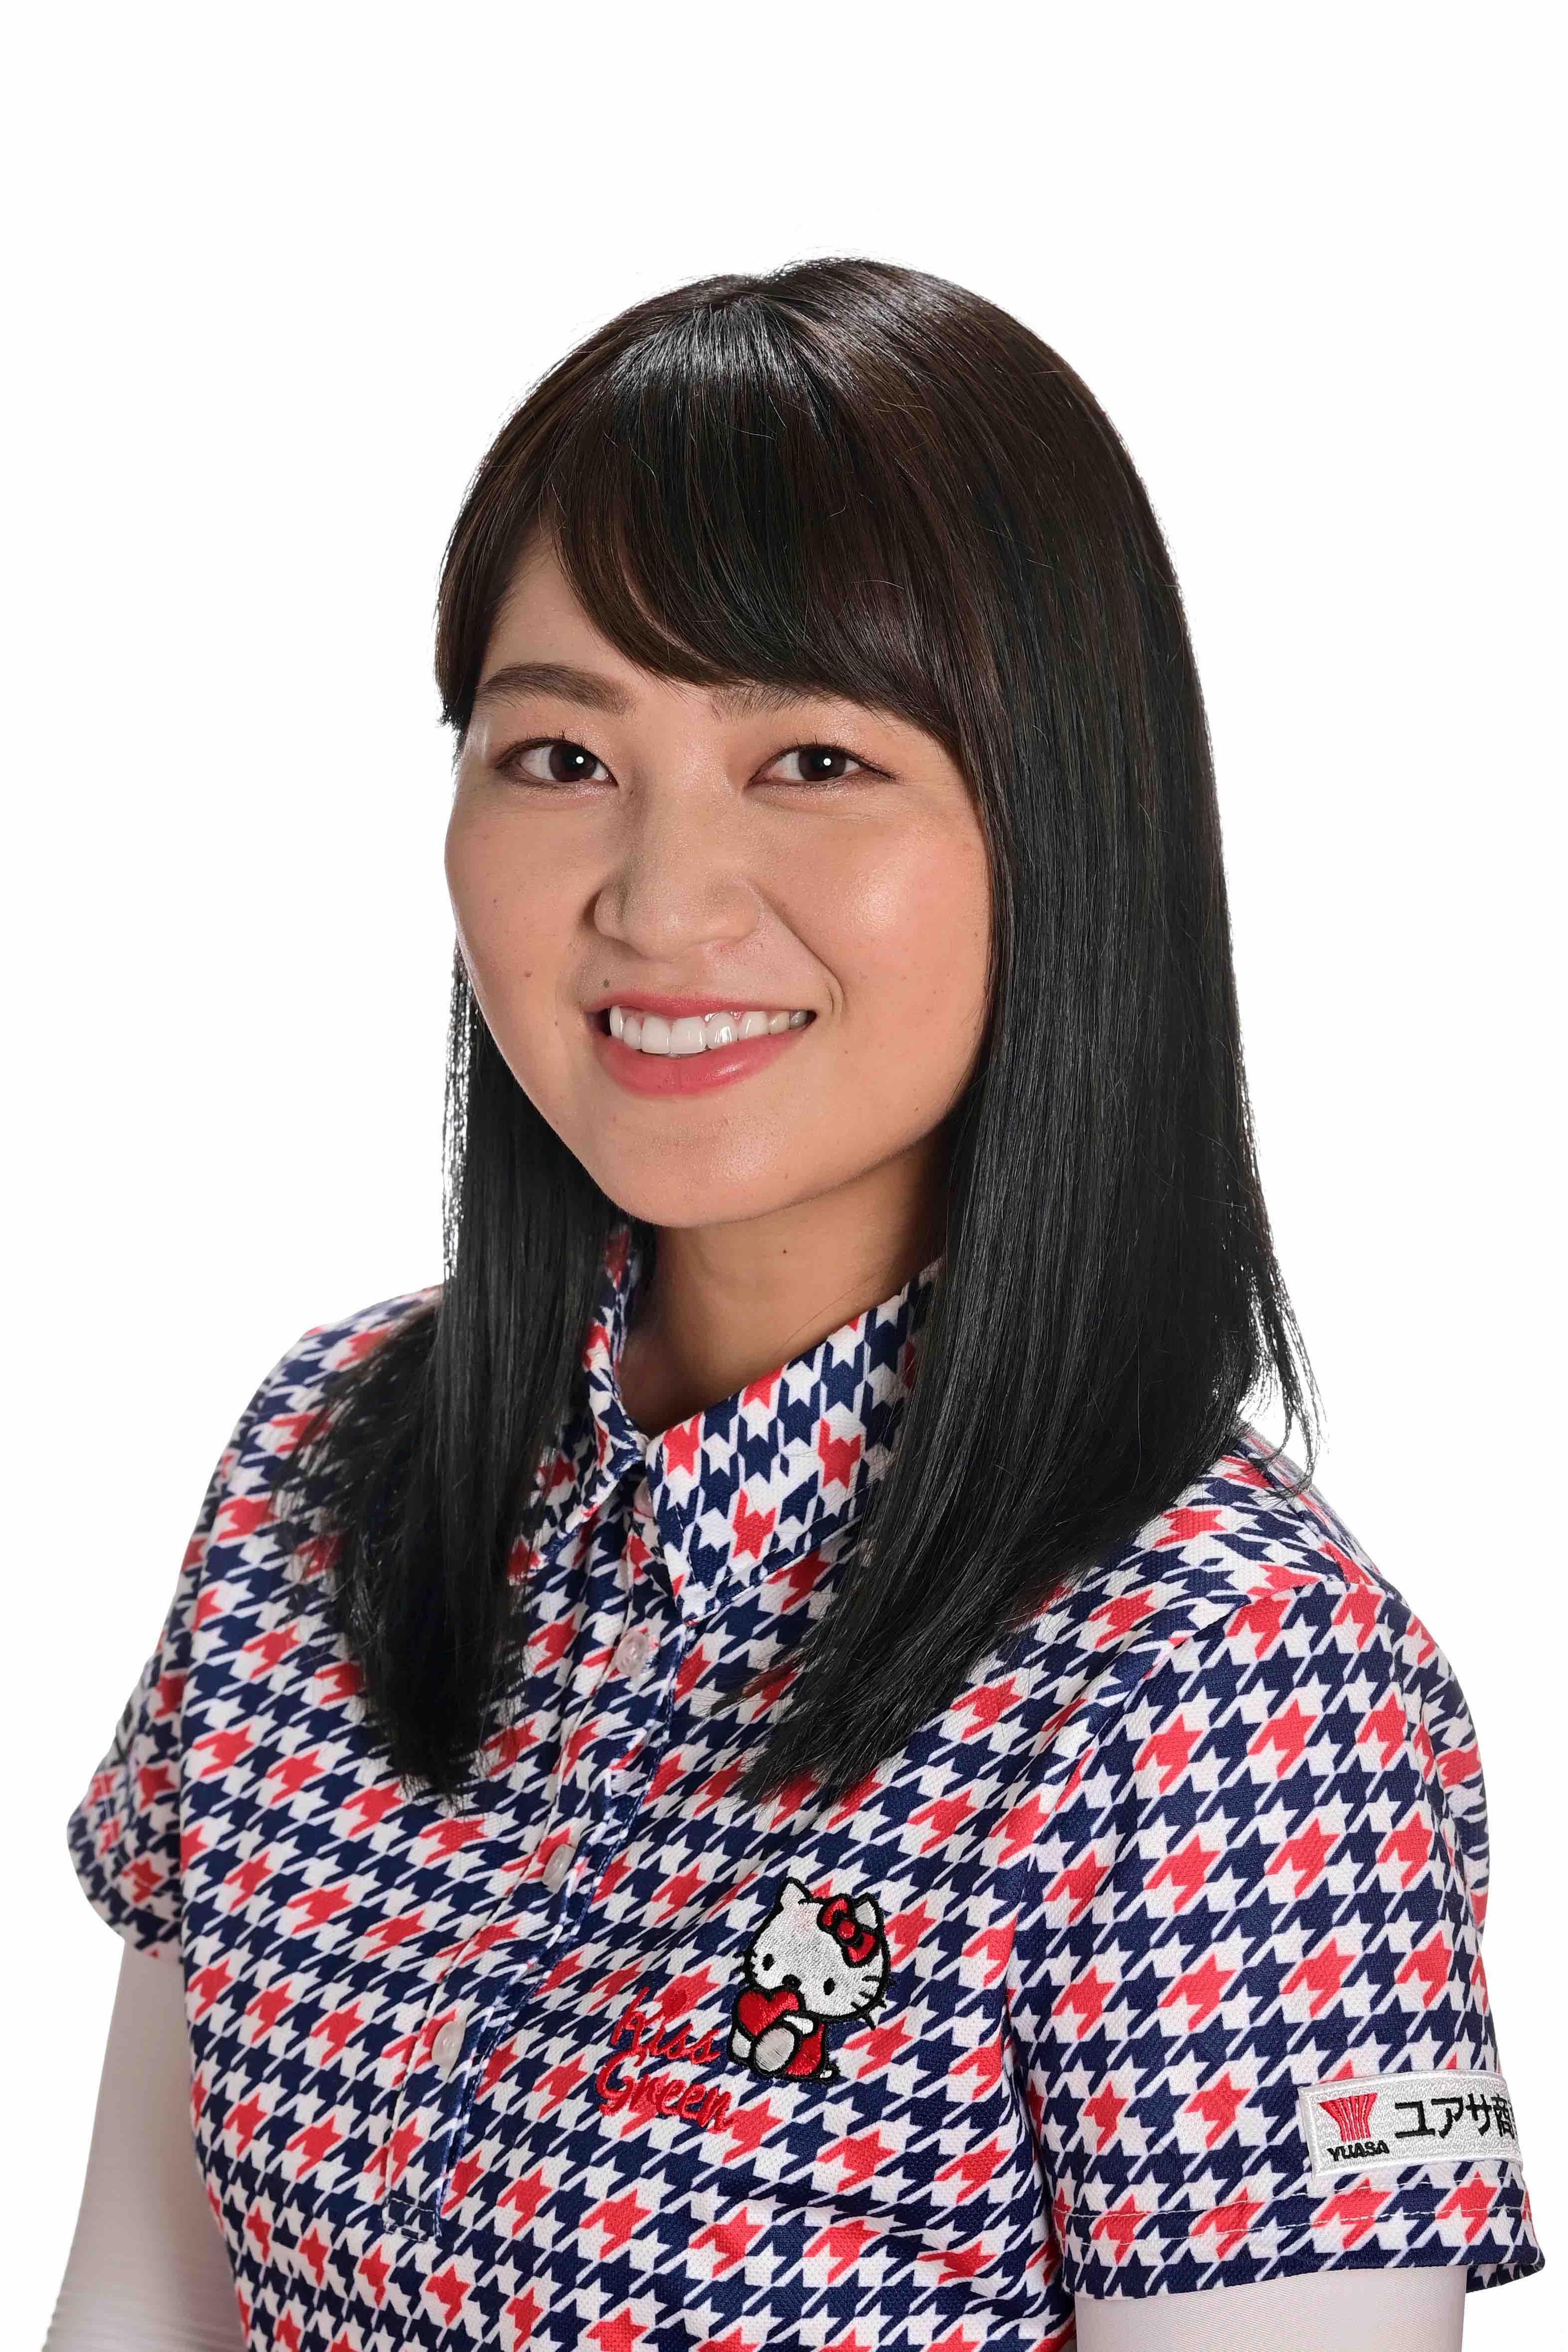 【JLPGA公式】田辺 ひかり 選手(キャップ)